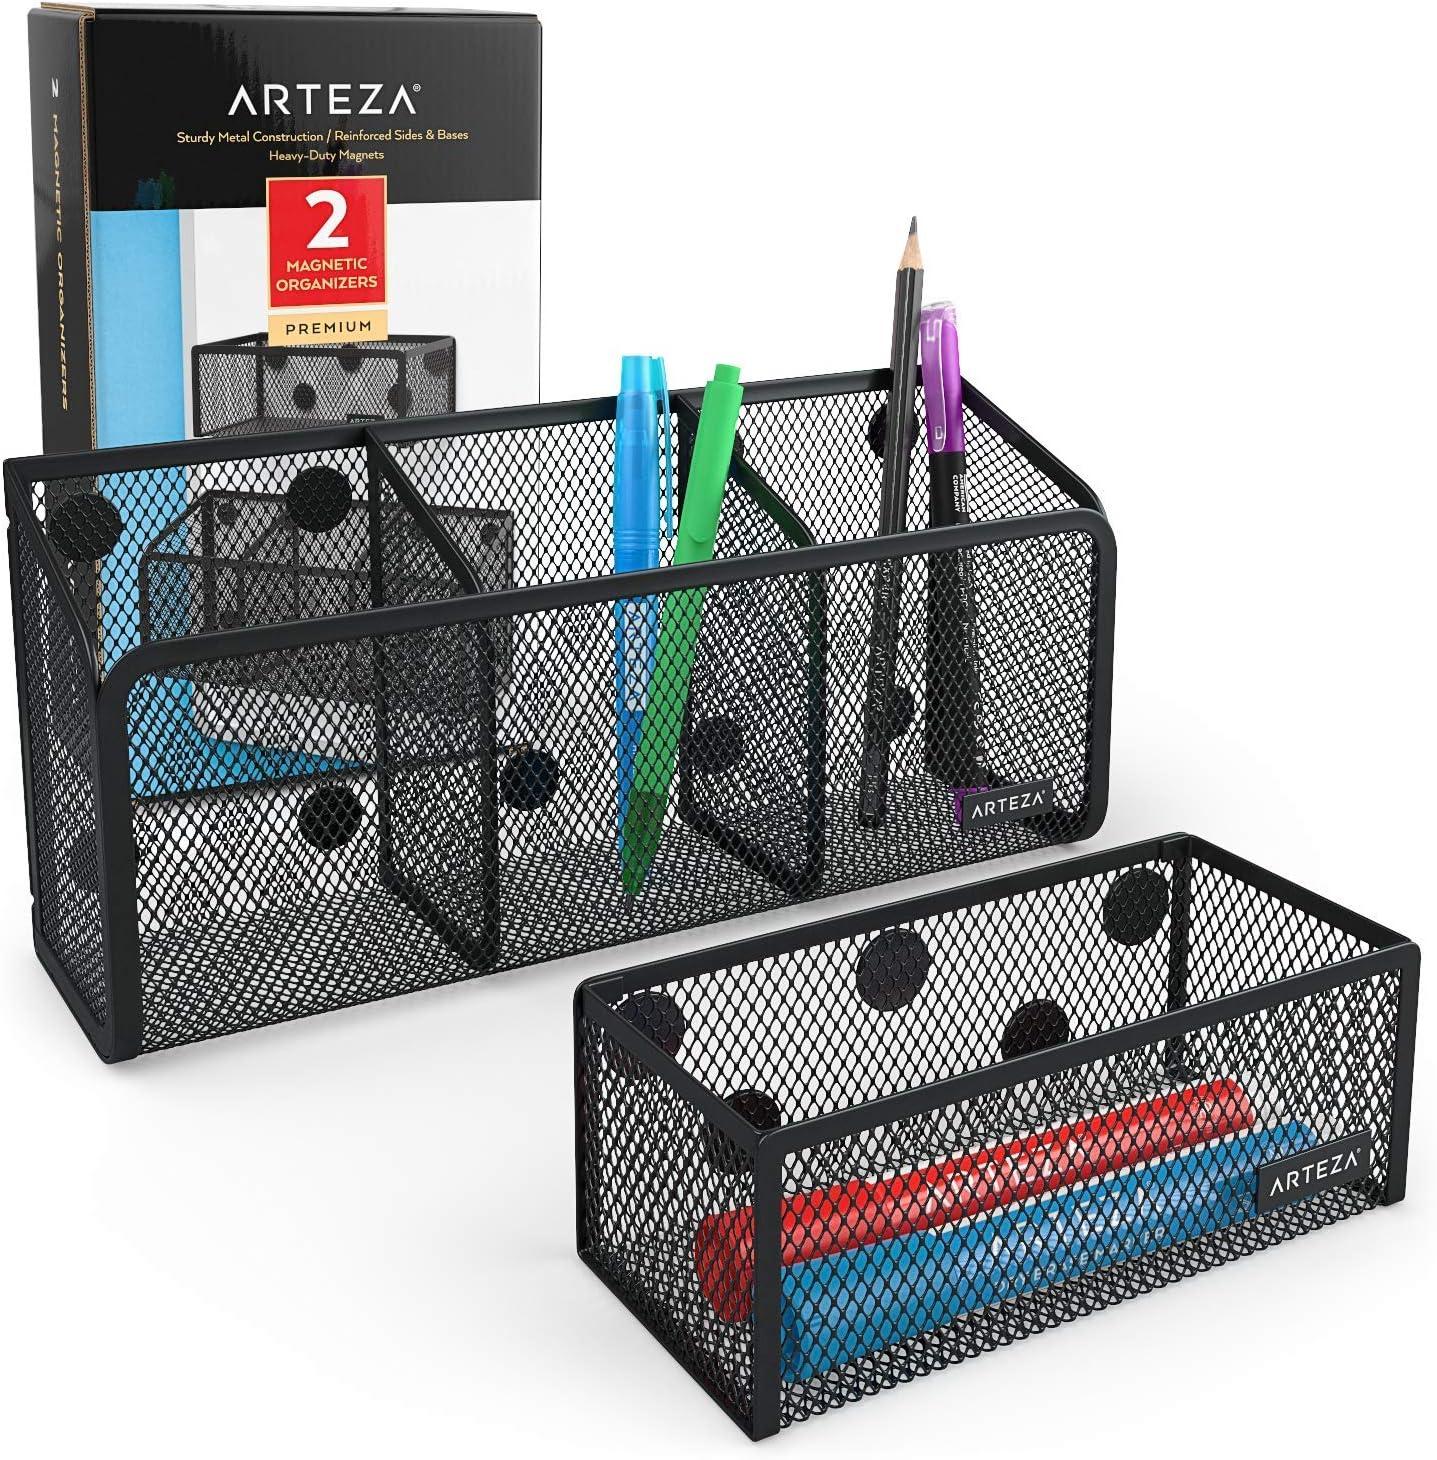 Arteza Organizadores magnéticos de malla | Juego de 2 cestas portalápices con imanes extrafuertes | Organizador de rotuladores y bolígrafos | Sujeta los accesorios de la pizarra con seguridad